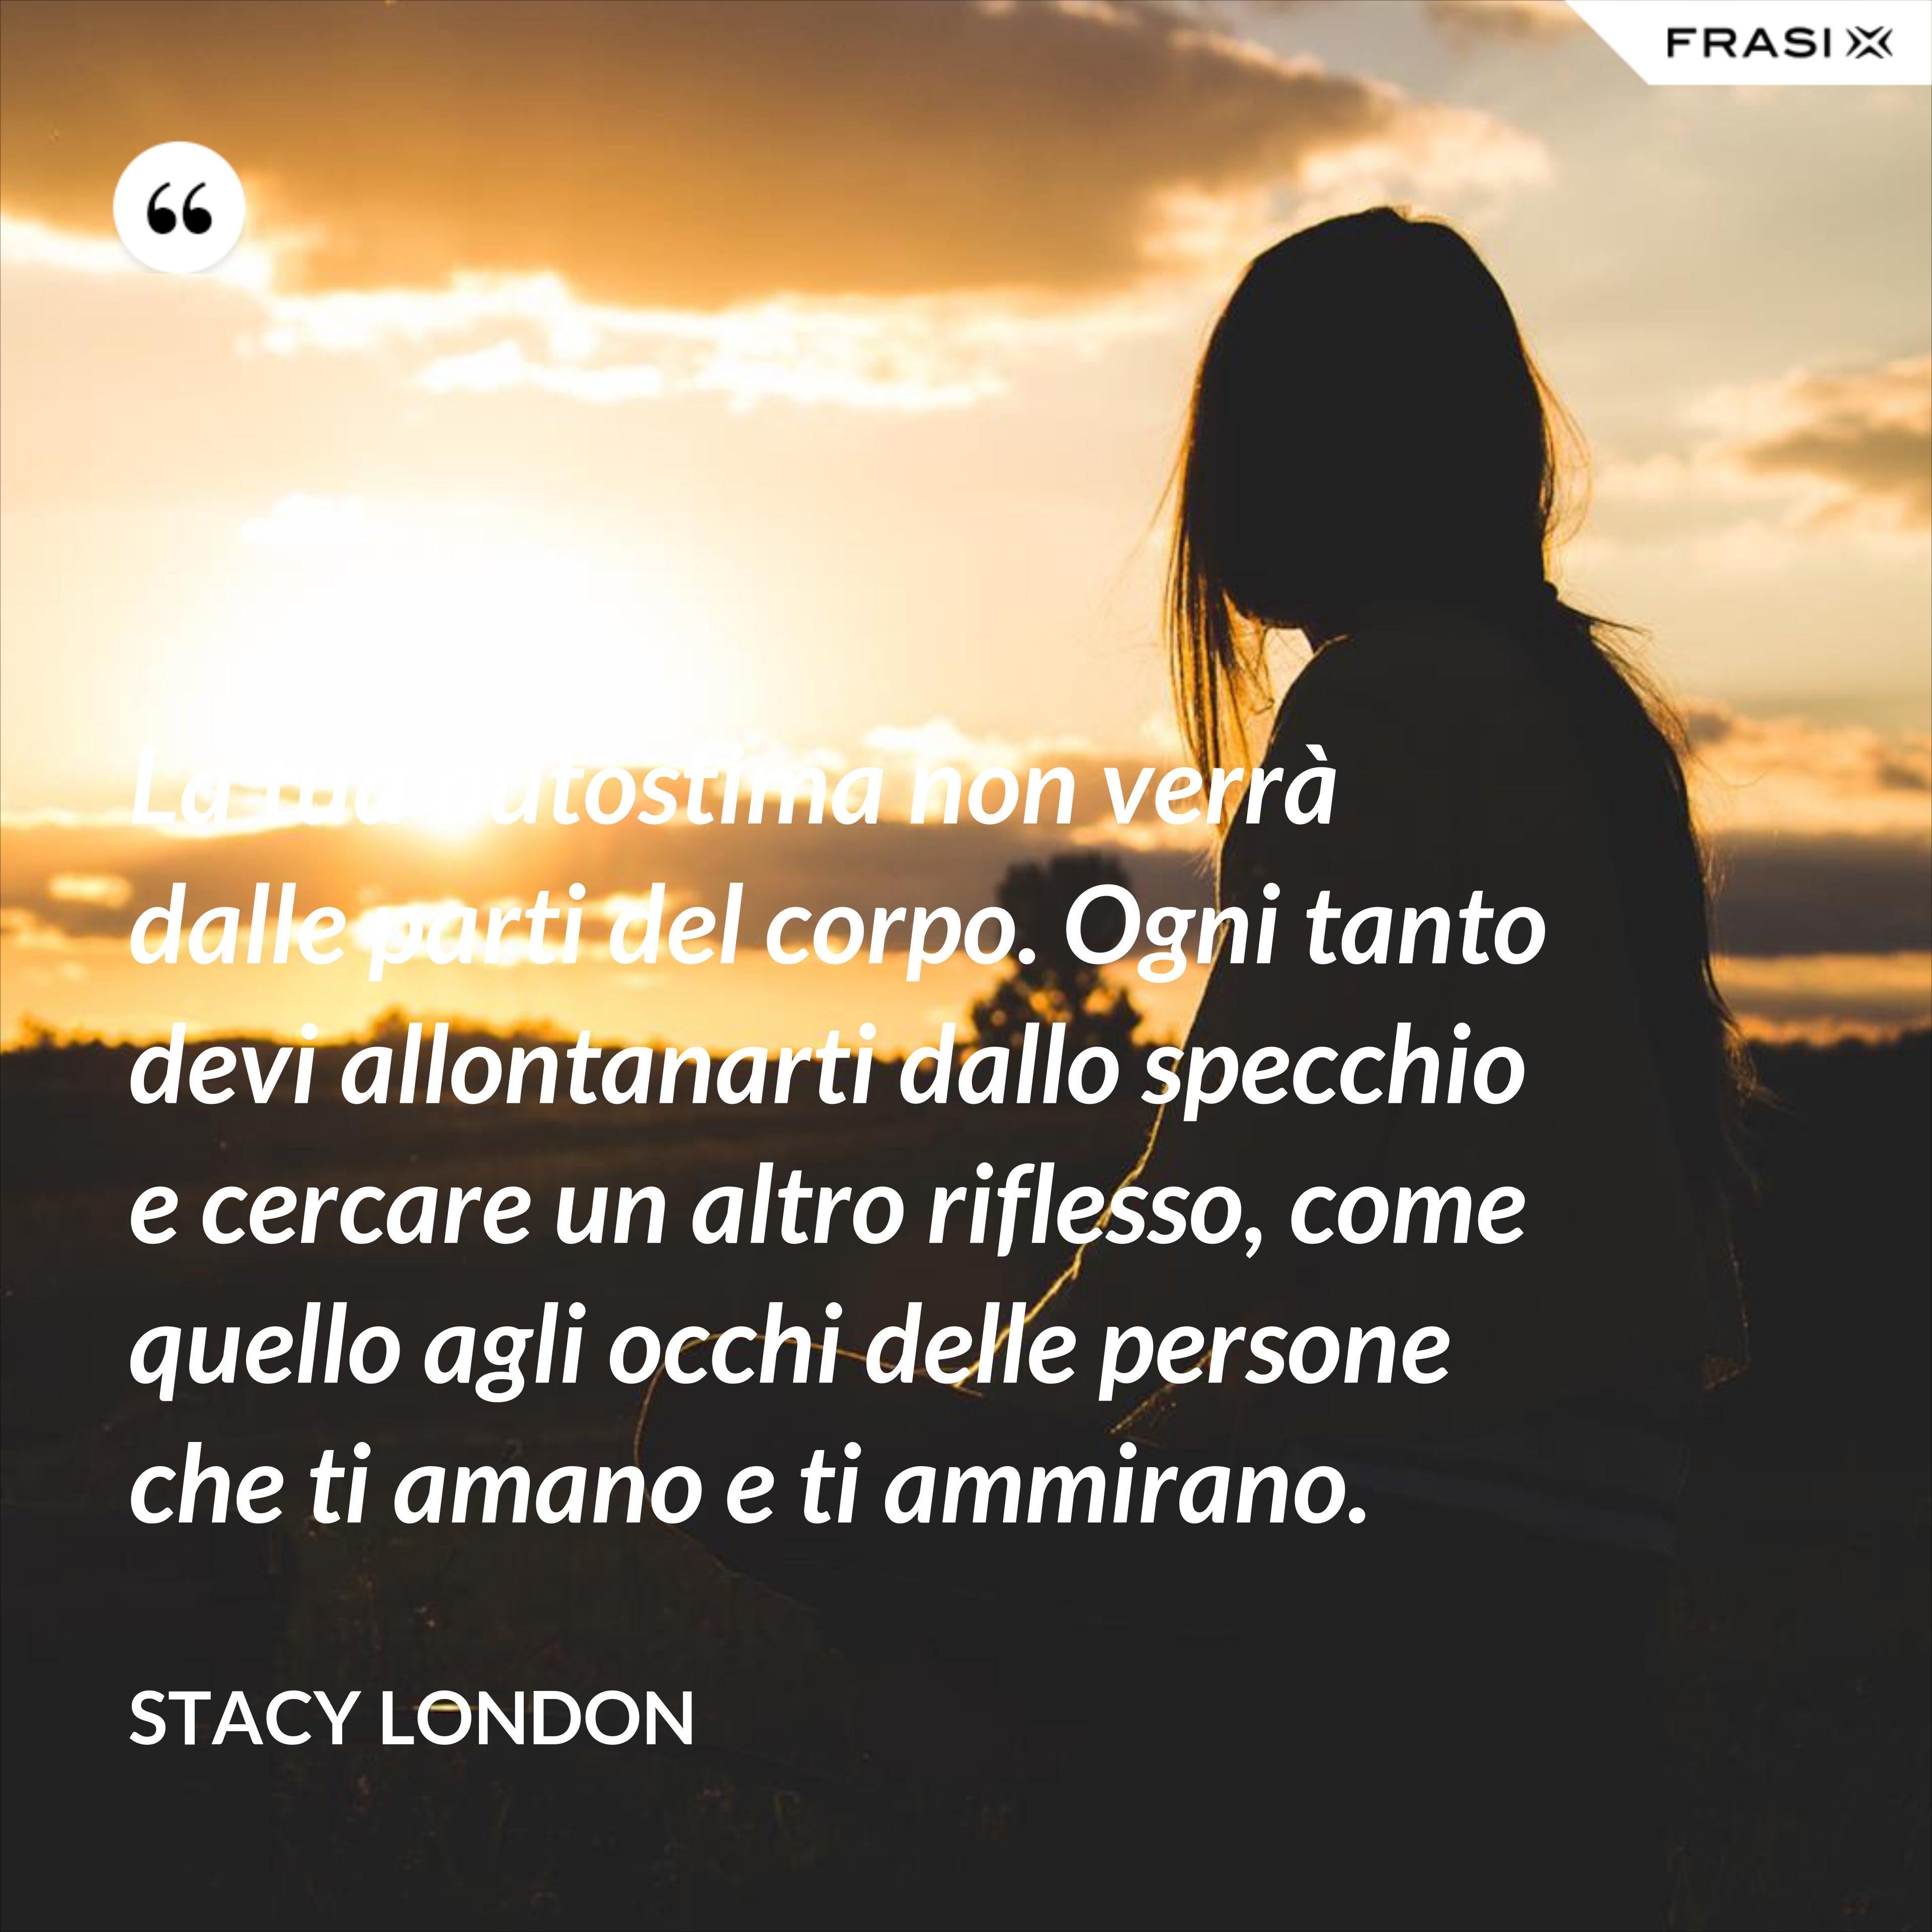 La tua autostima non verrà dalle parti del corpo. Ogni tanto devi allontanarti dallo specchio e cercare un altro riflesso, come quello agli occhi delle persone che ti amano e ti ammirano. - Stacy London